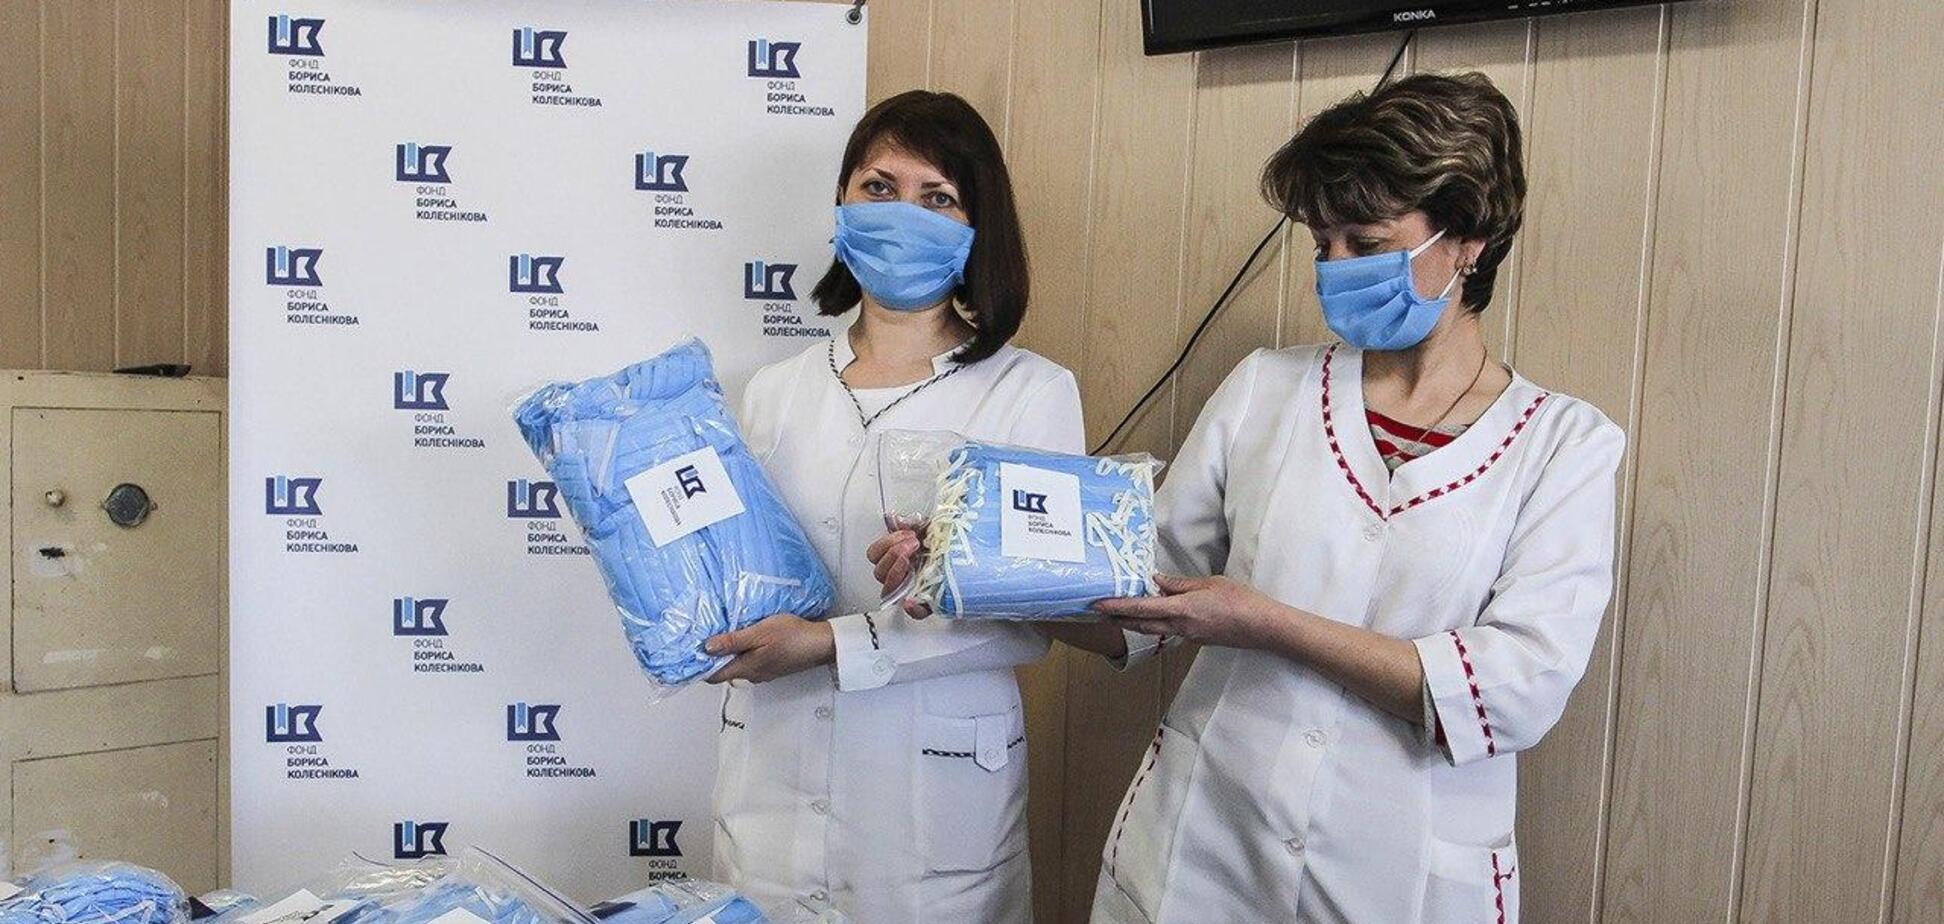 Борис Колесніков продовжує надавати підтримку Донеччині в боротьбі з коронавірусом